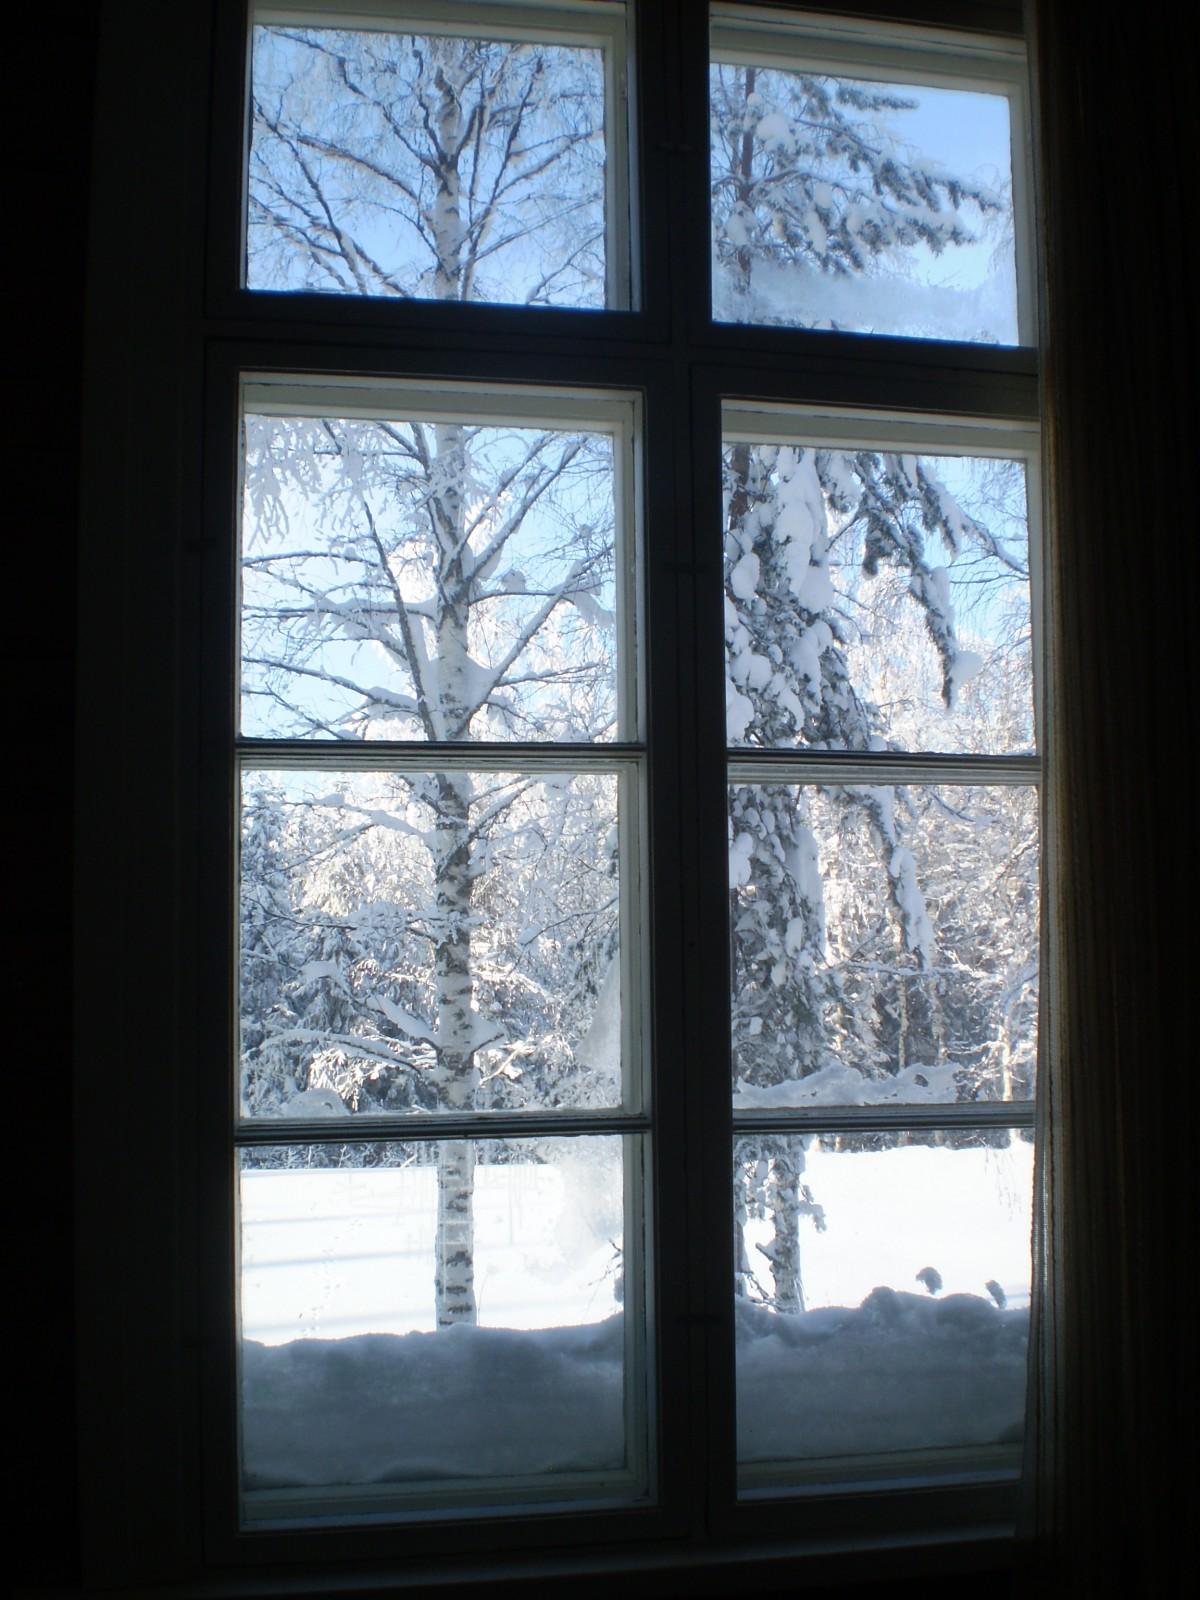 Immagini belle la neve freddo inverno bianca casa - Finestre a ghigliottina ...